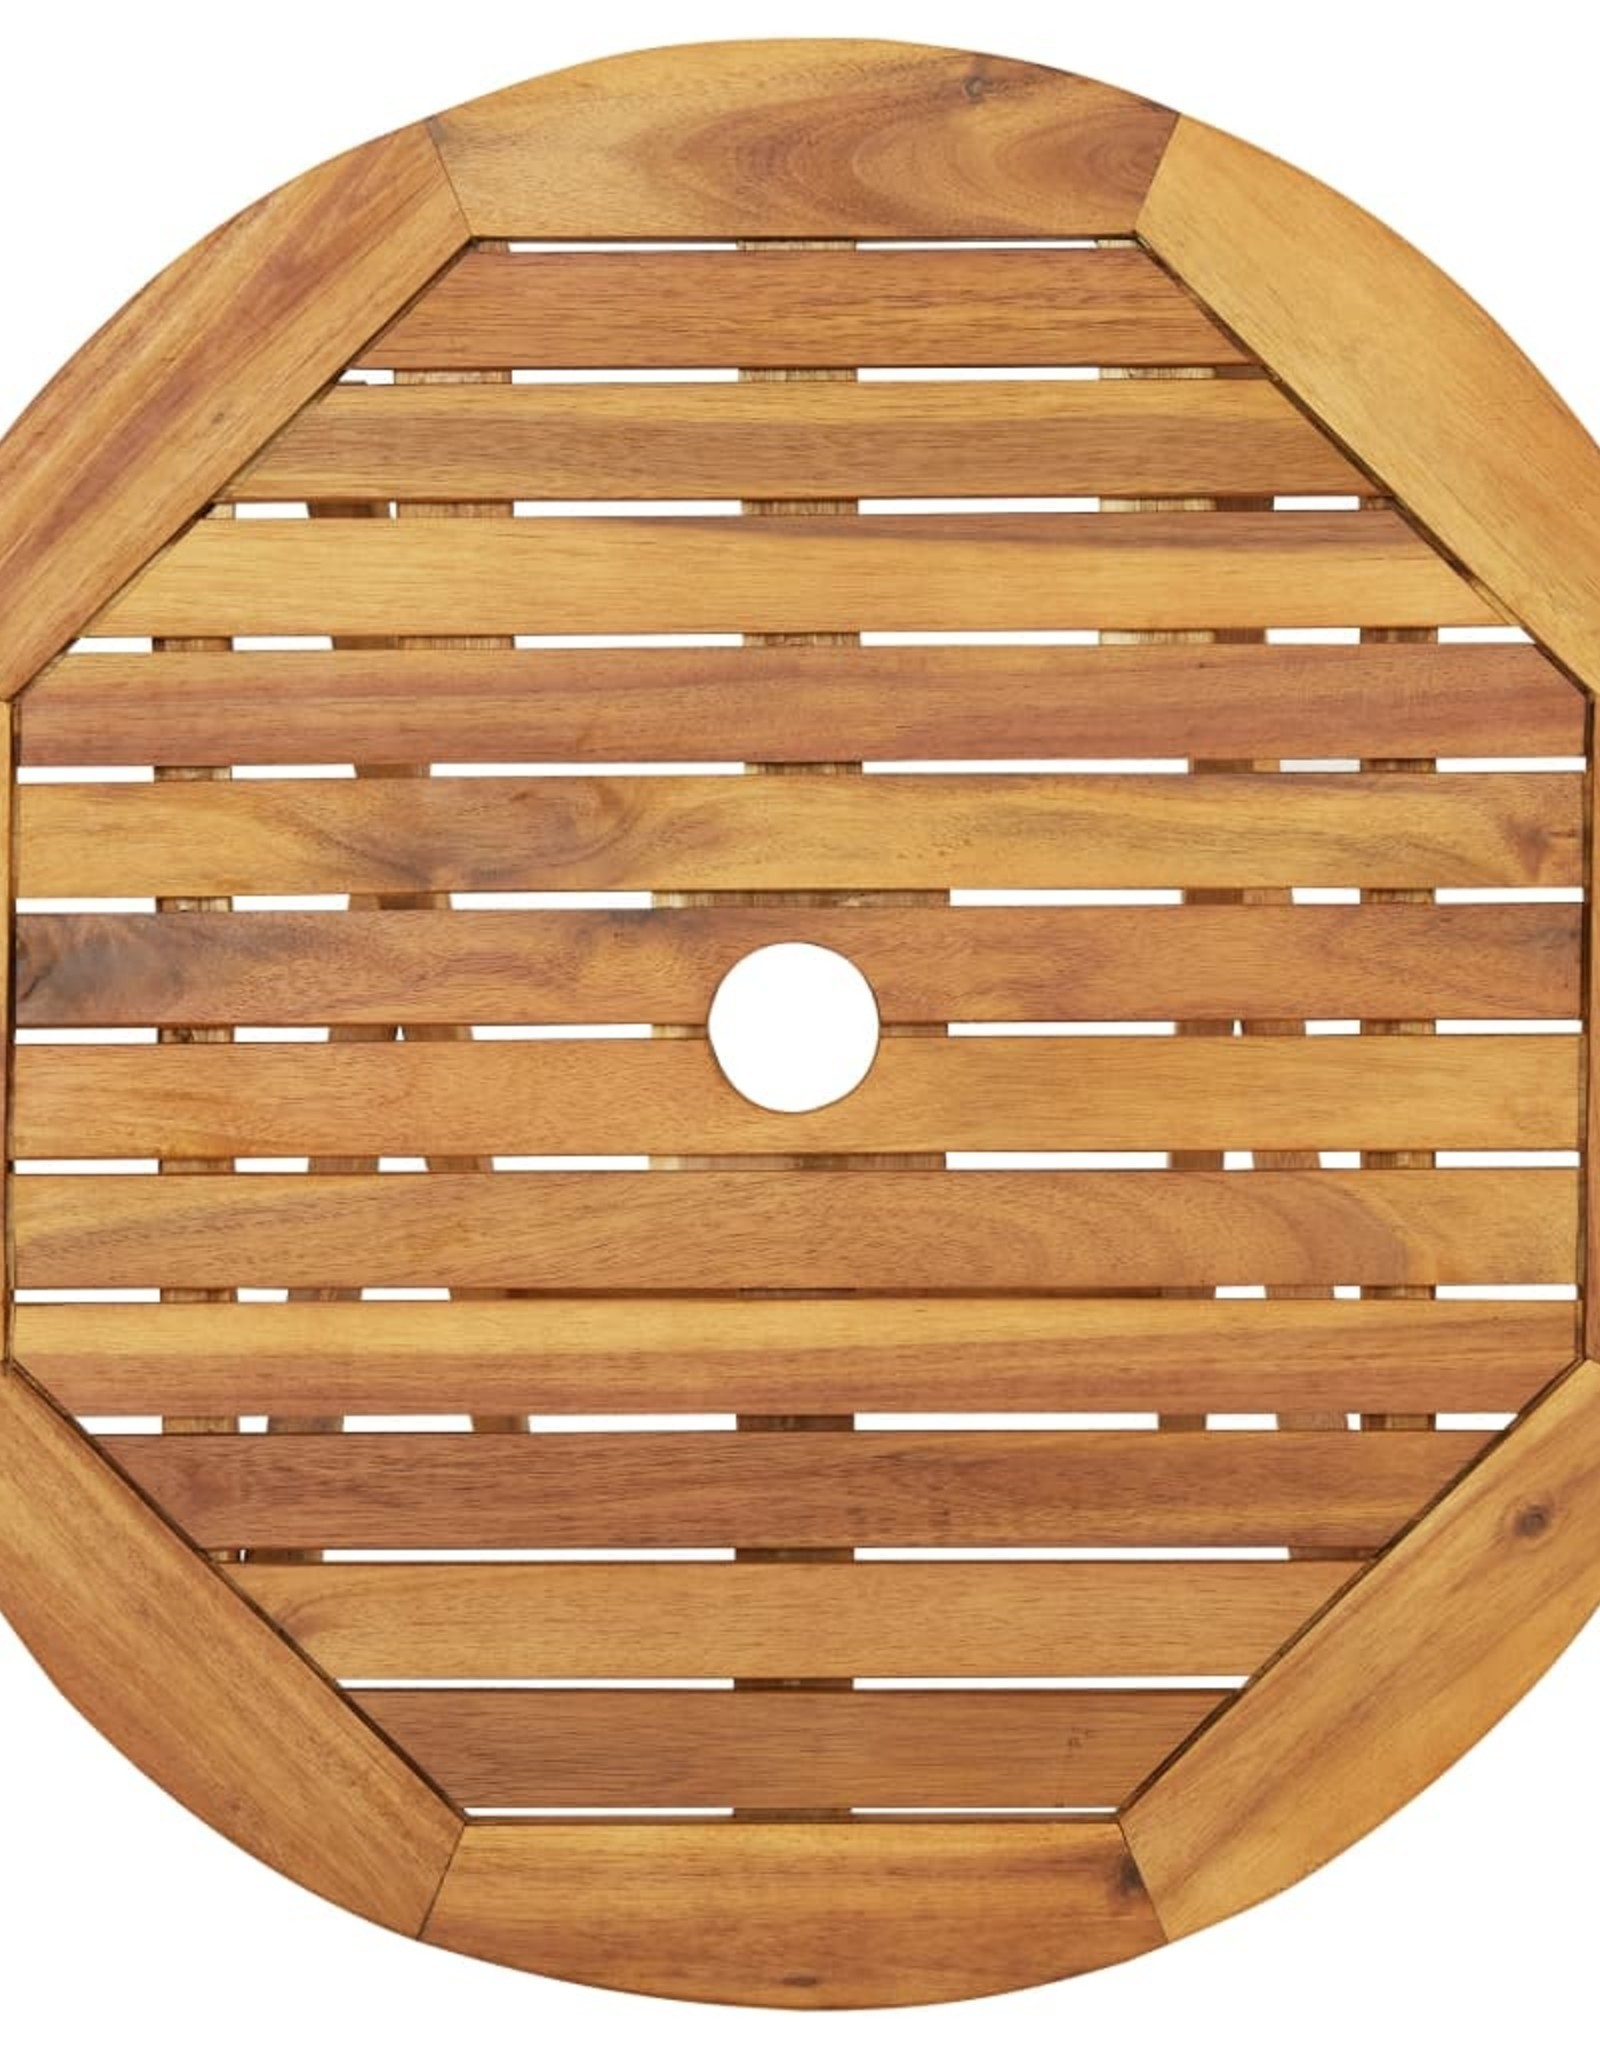 3-delige Bistroset inklapbaar massief acaciahout